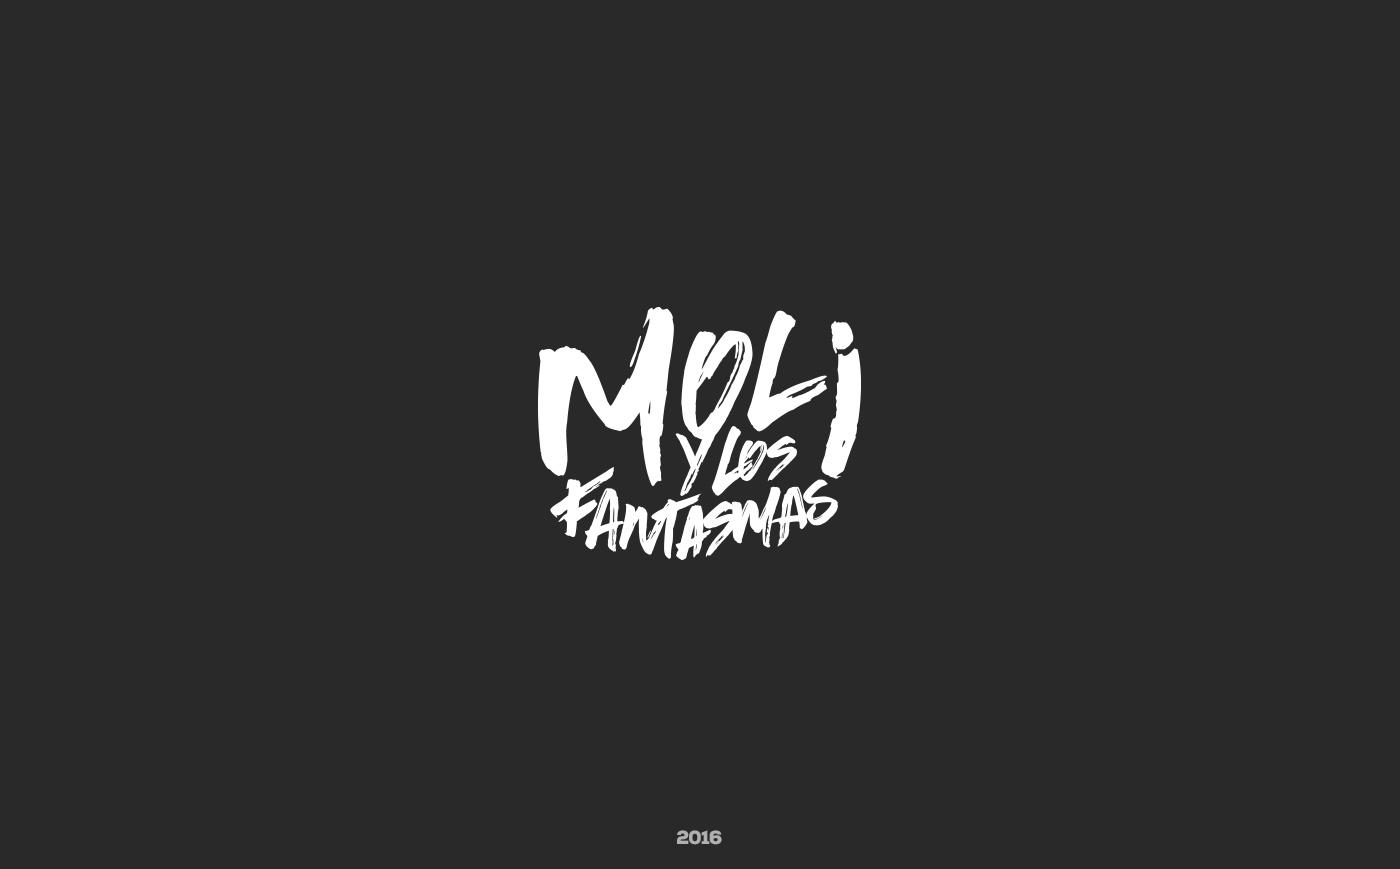 MOLI-Y-LOS-FANTASMAS-IDENTIDAD-2016-KUCHA-02